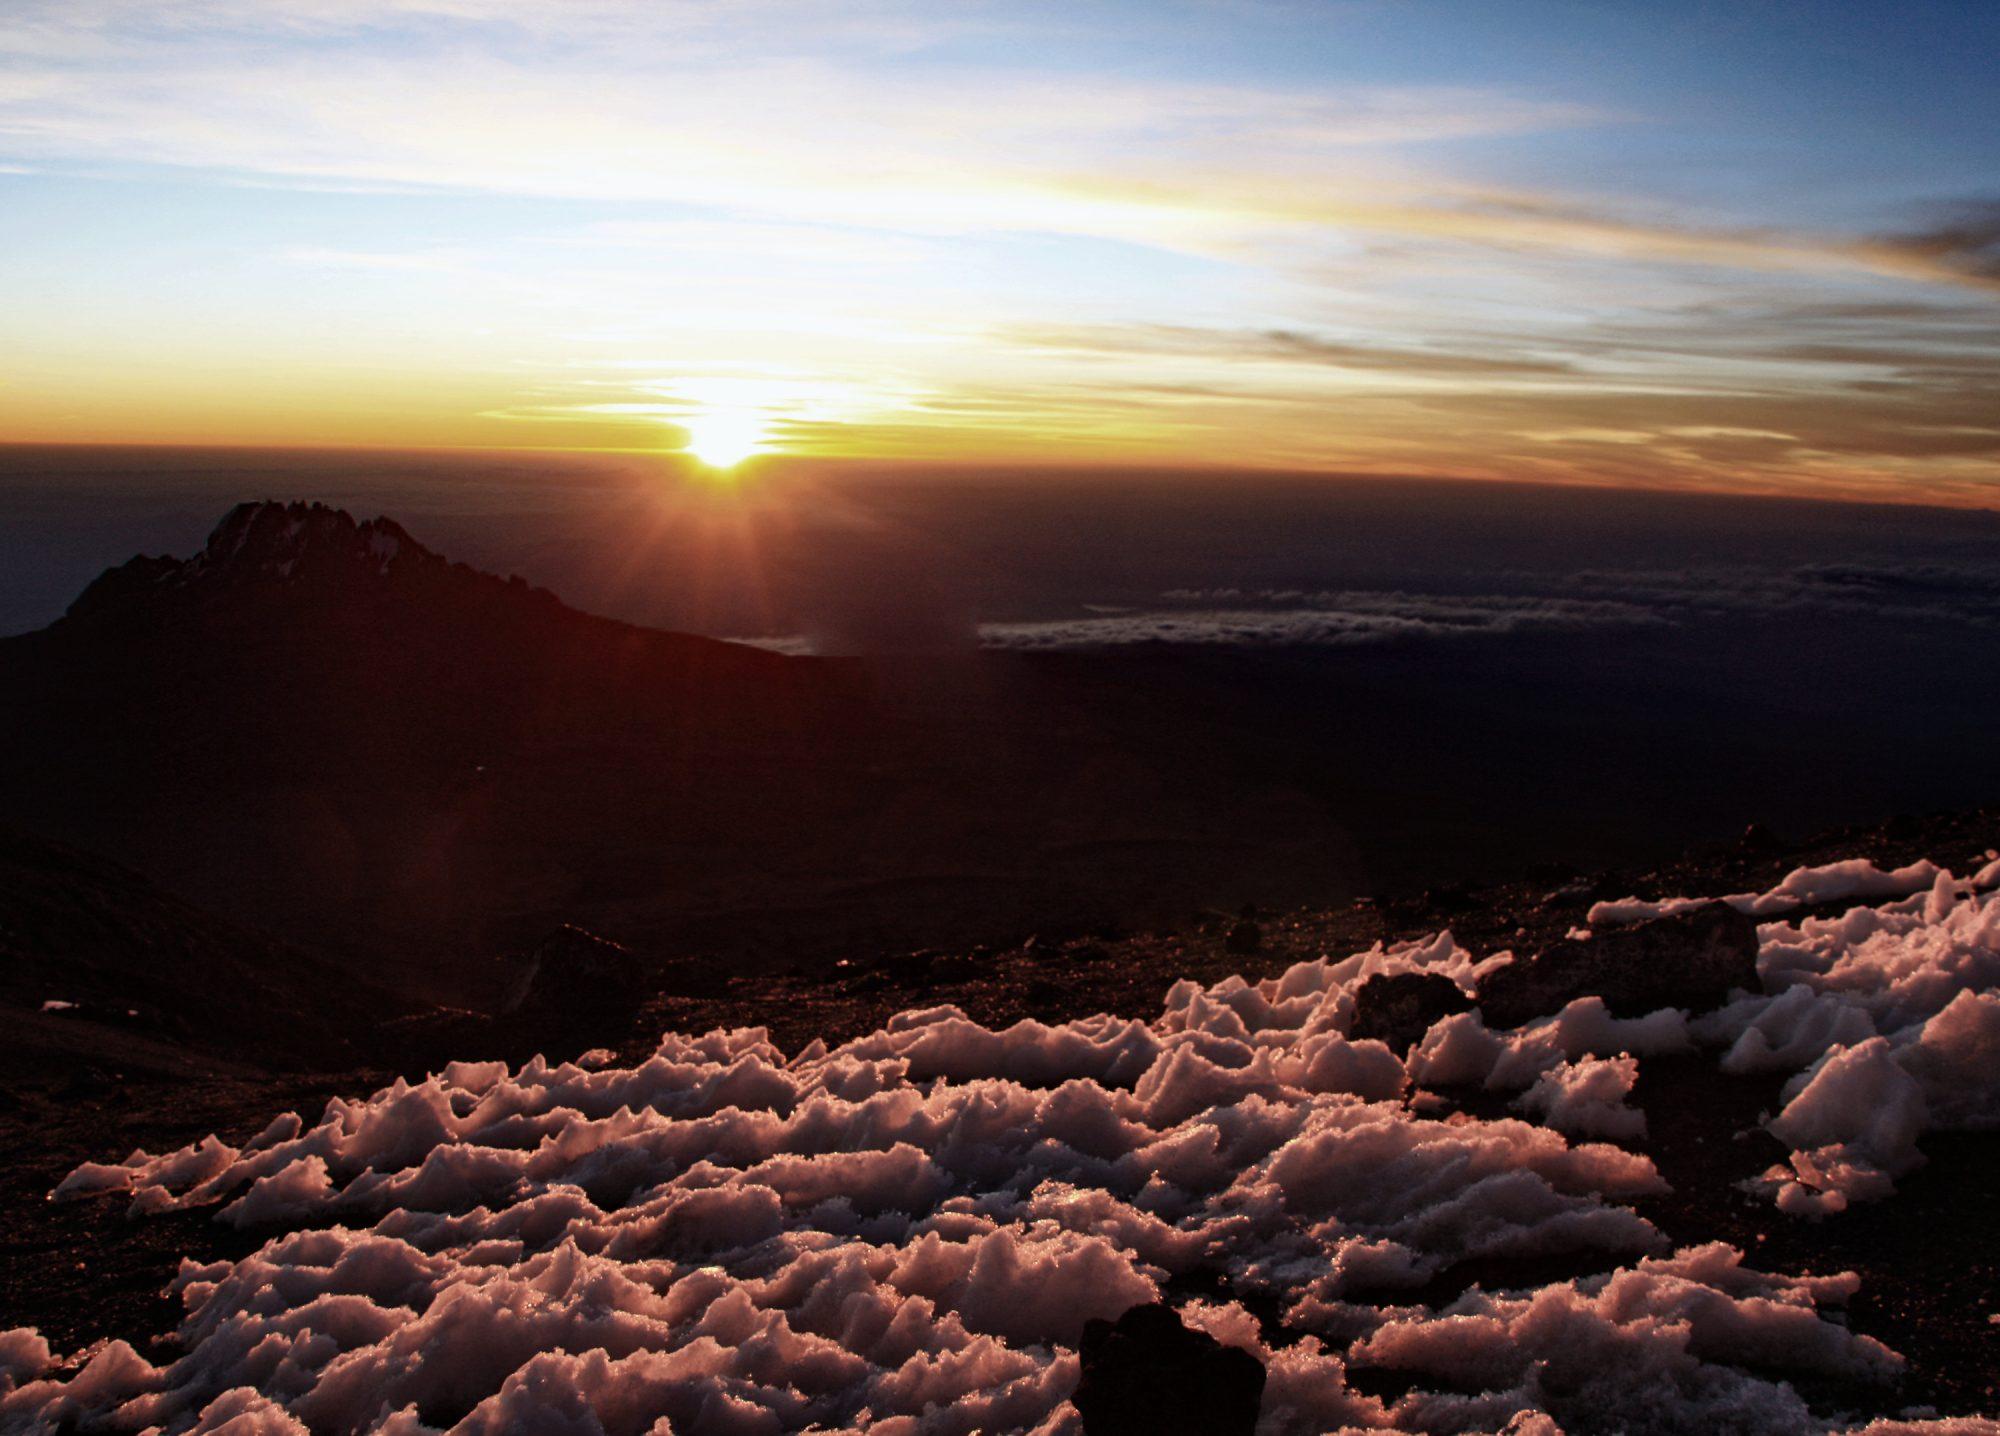 Sonnenaufgang Stella Point, Kilimandscharo, Kilimandscharo besteigen, Tansania, Afrika, Kilimandscharo Tour, Erfahrungsbericht, Machame Route